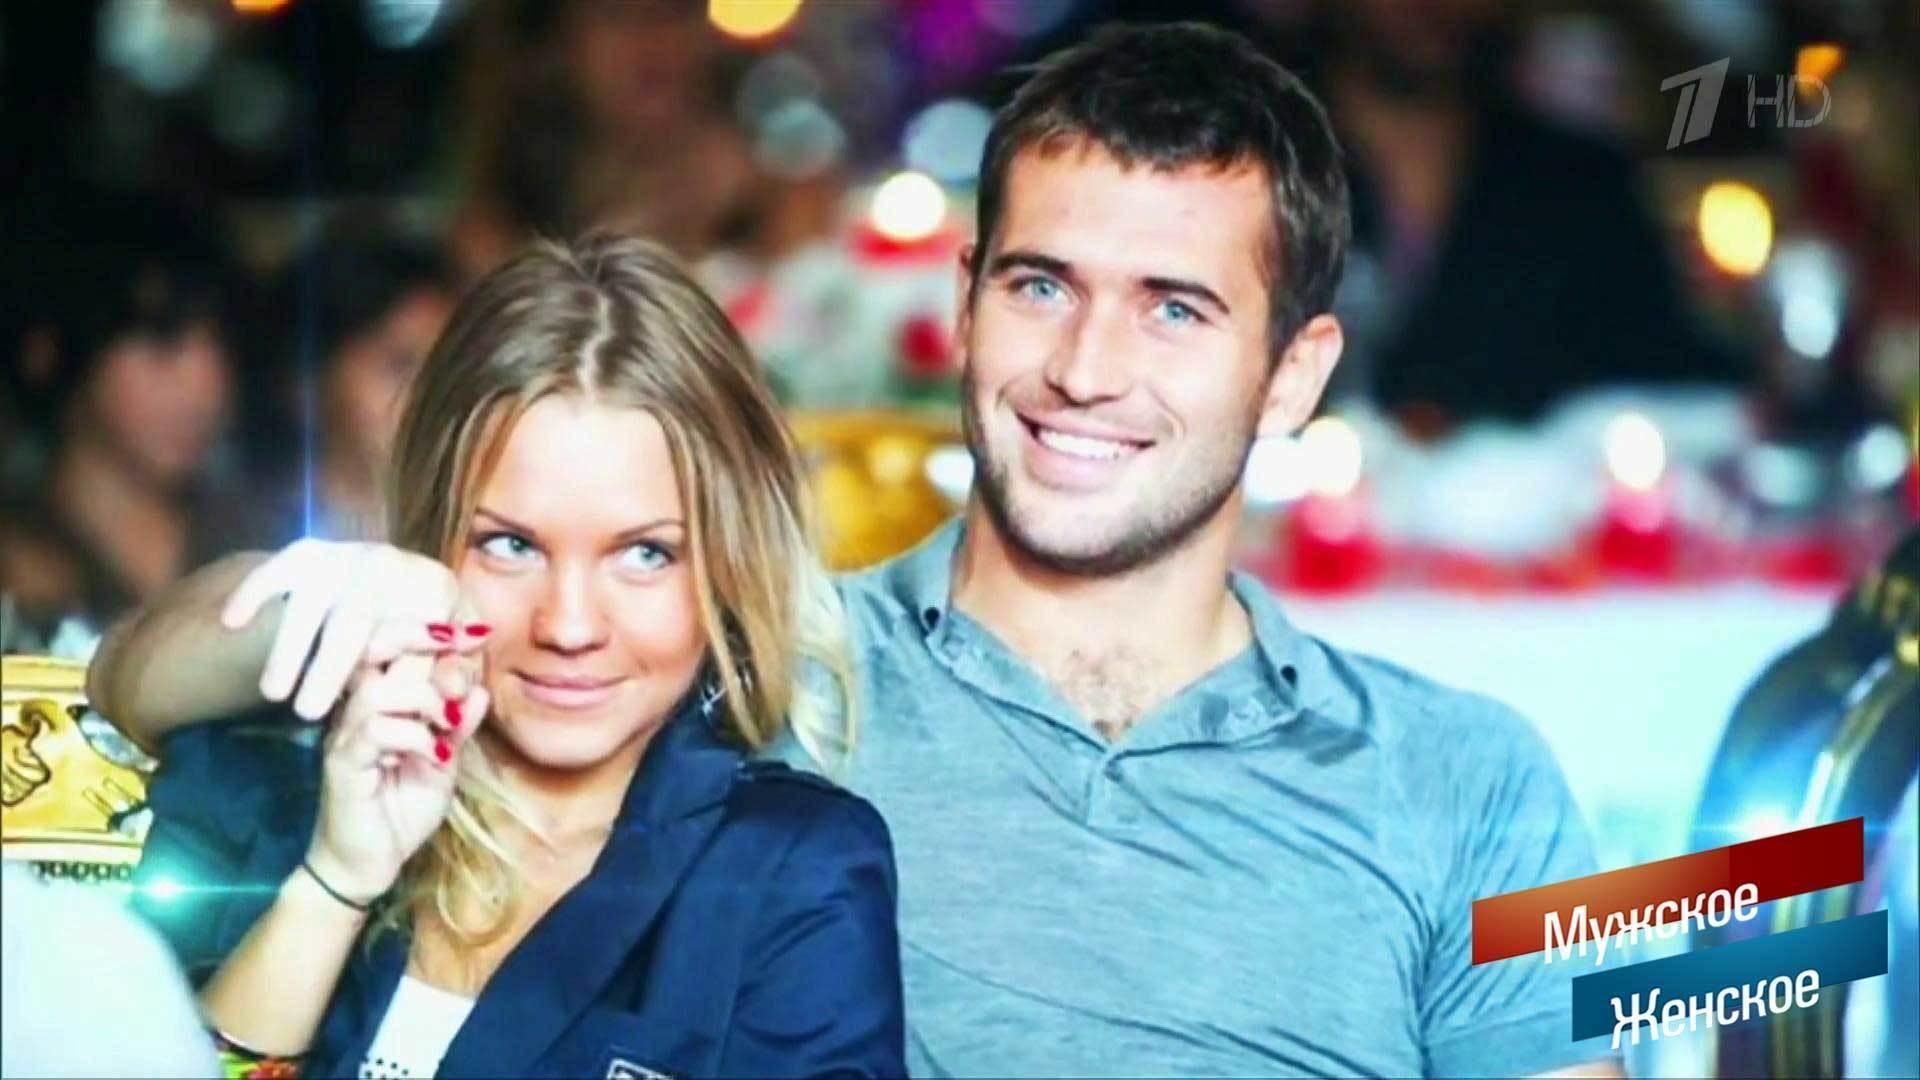 Михаил кержаков с девушкой фото